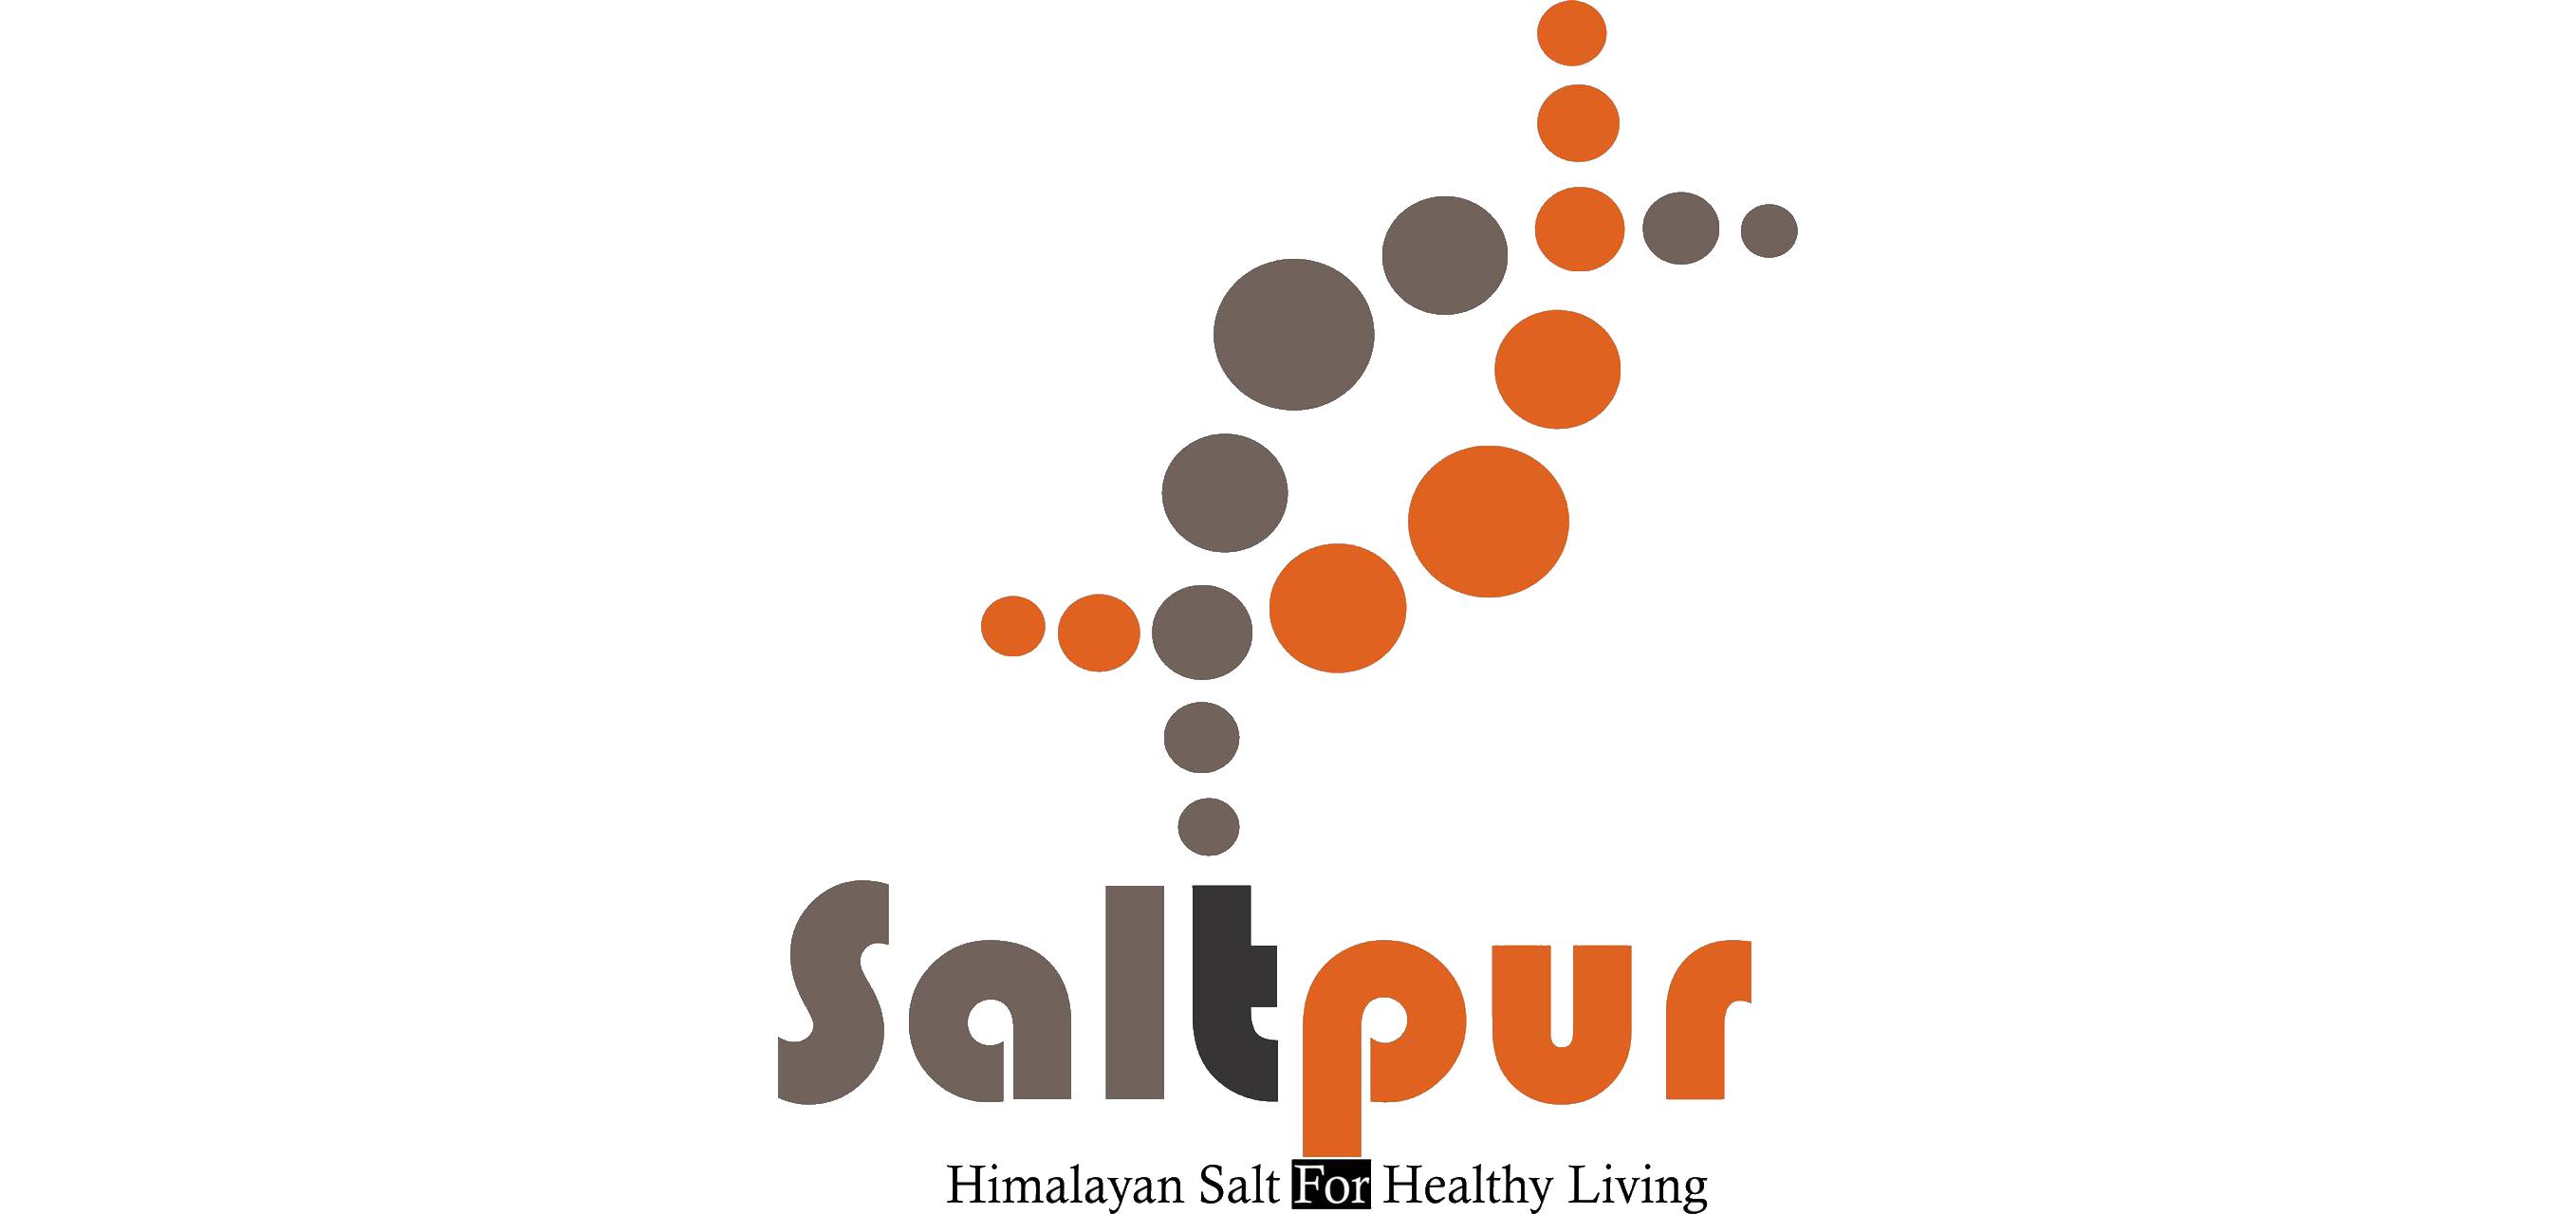 Saltpur